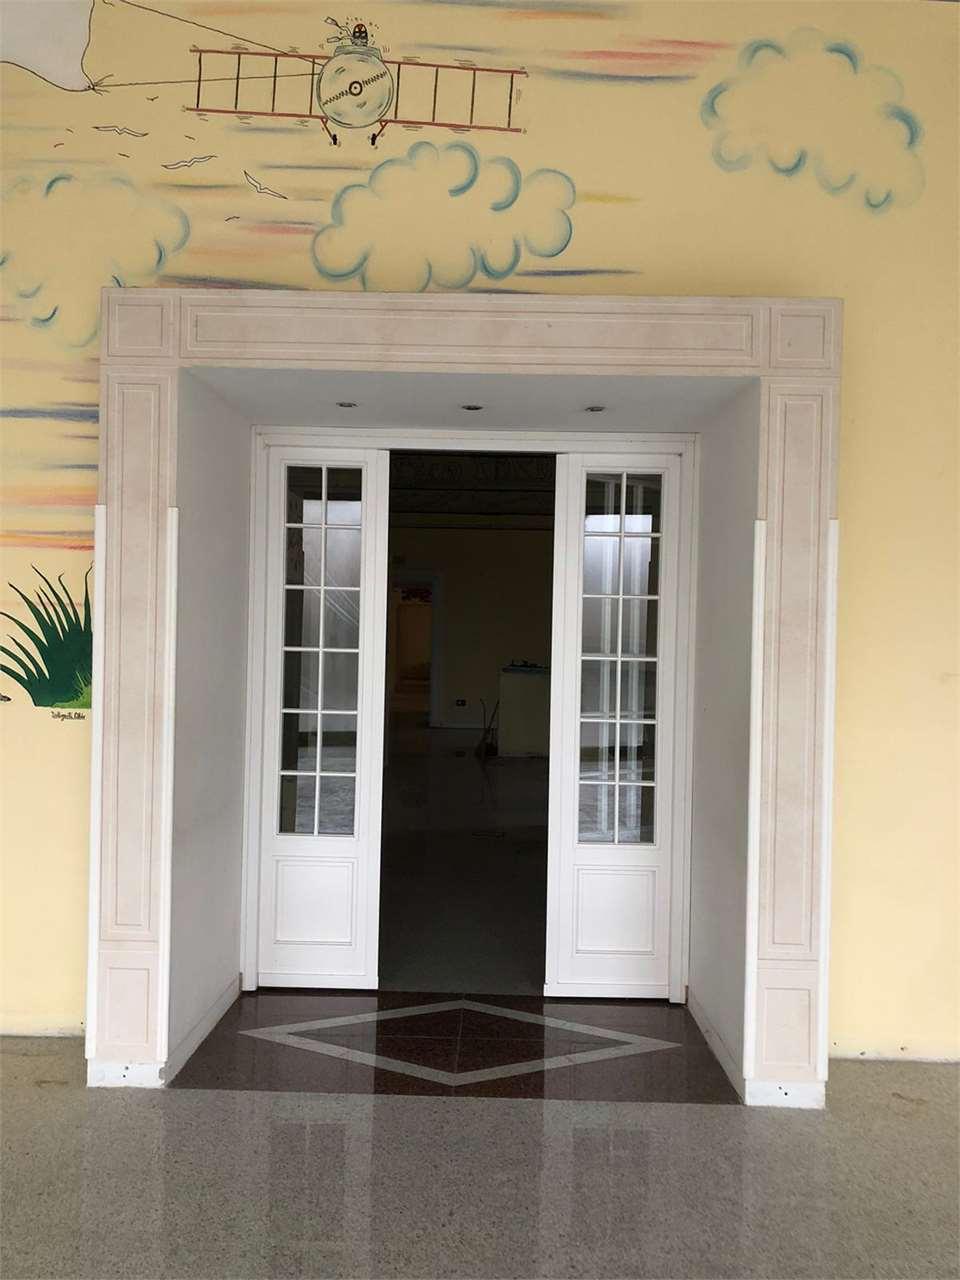 Negozio / Locale in vendita a Carate Brianza, 3 locali, prezzo € 445.000 | CambioCasa.it